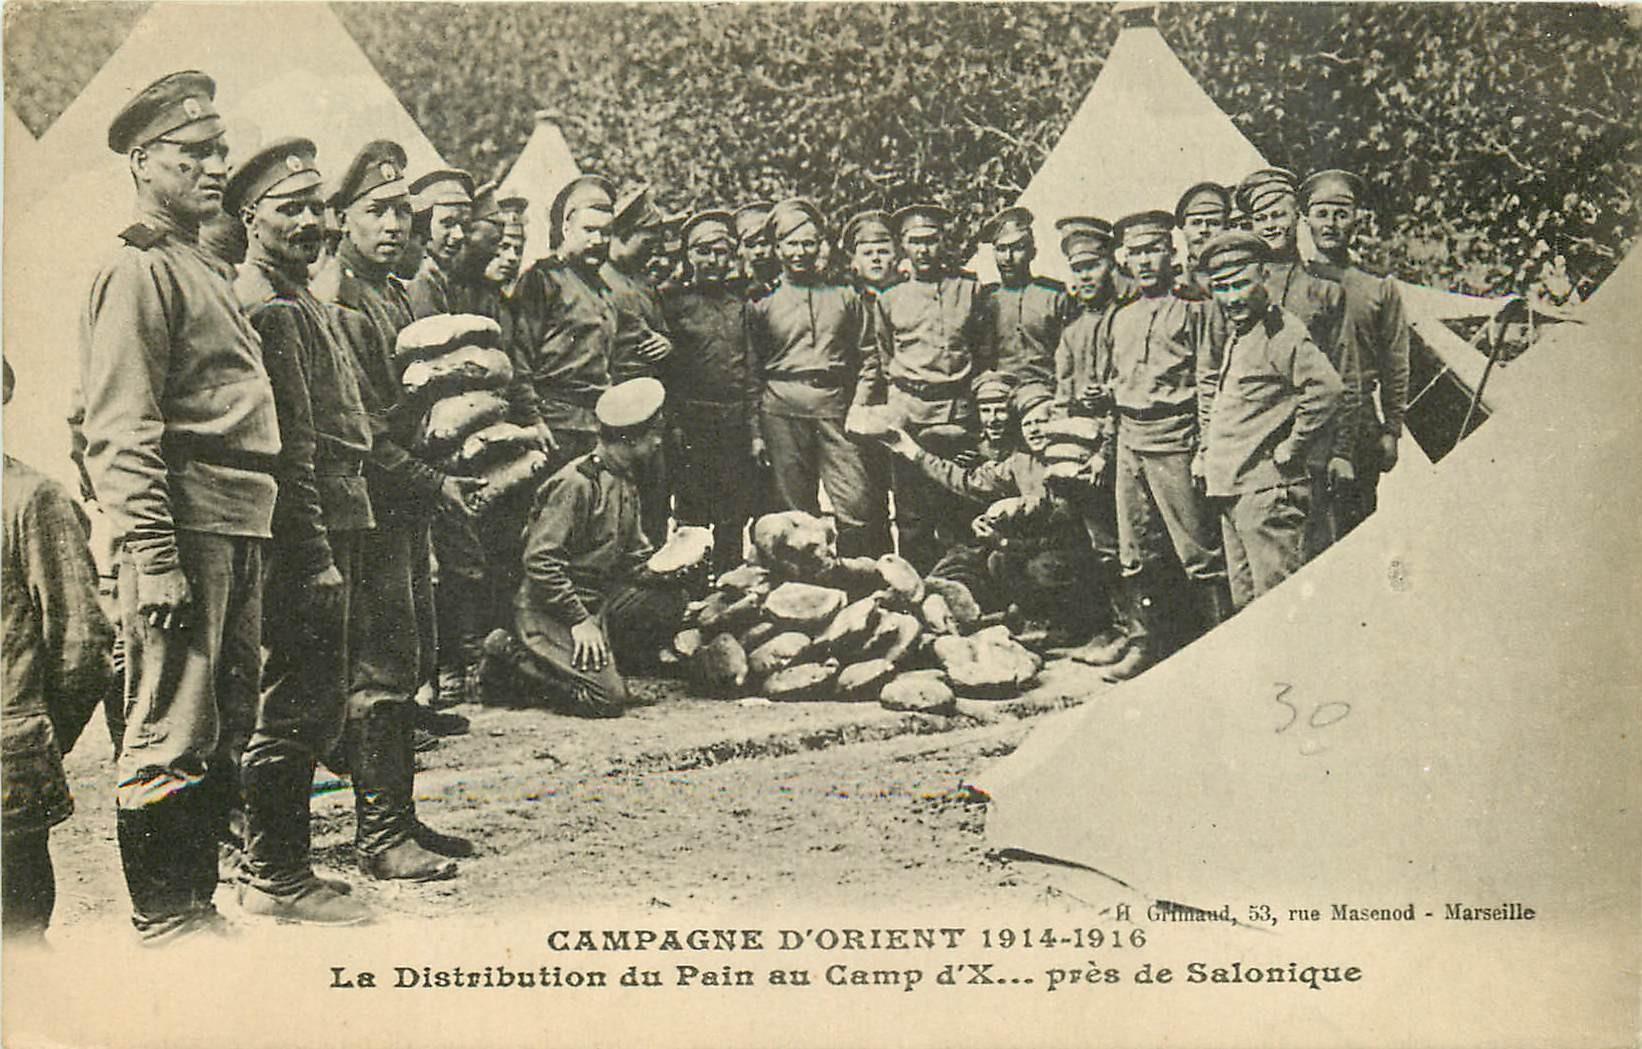 WW SALONIQUE. Campagne Orient distribution du Pain 1917